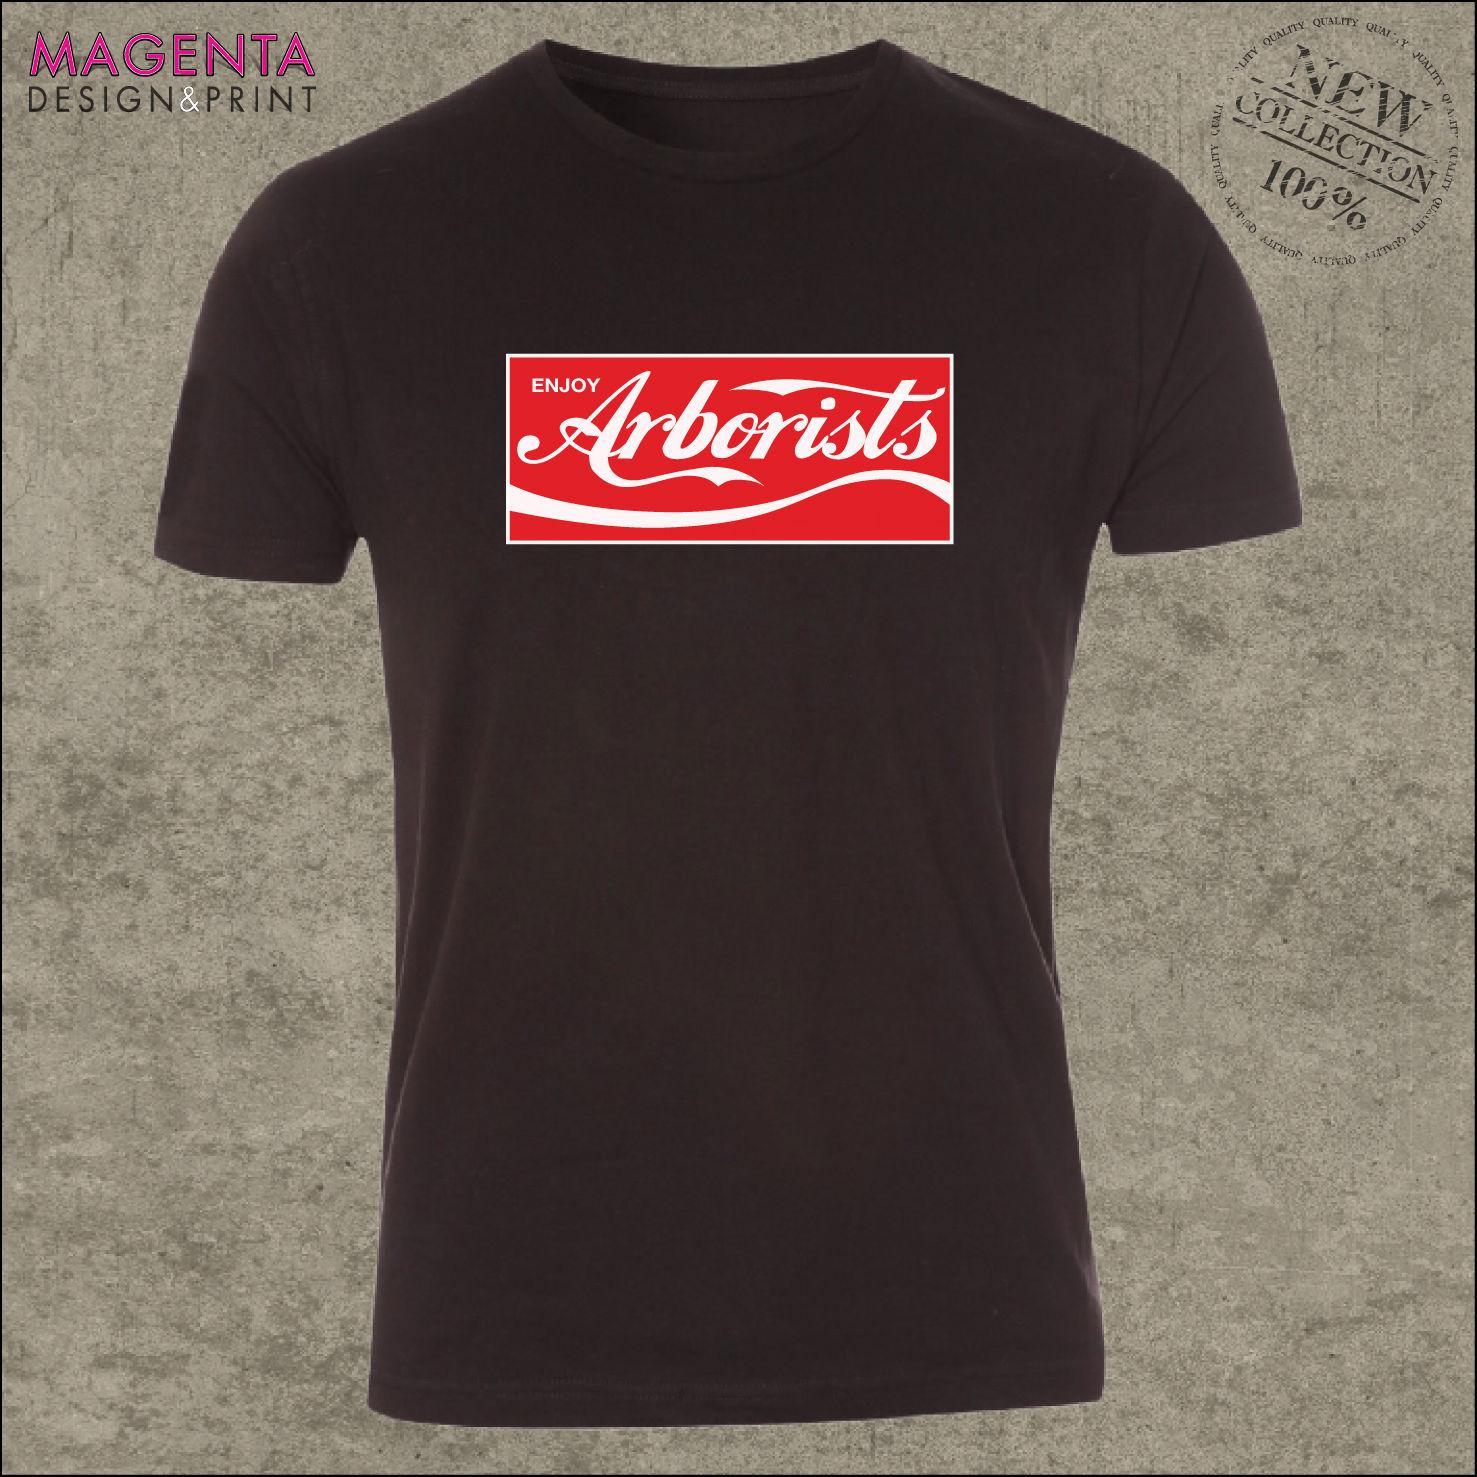 Hombres Imprimir Tee Shirts Disfrute Arboristas camiseta: Arboricultor papá papá marido cumpleaños de la ropa Ideabasketball Camisetas